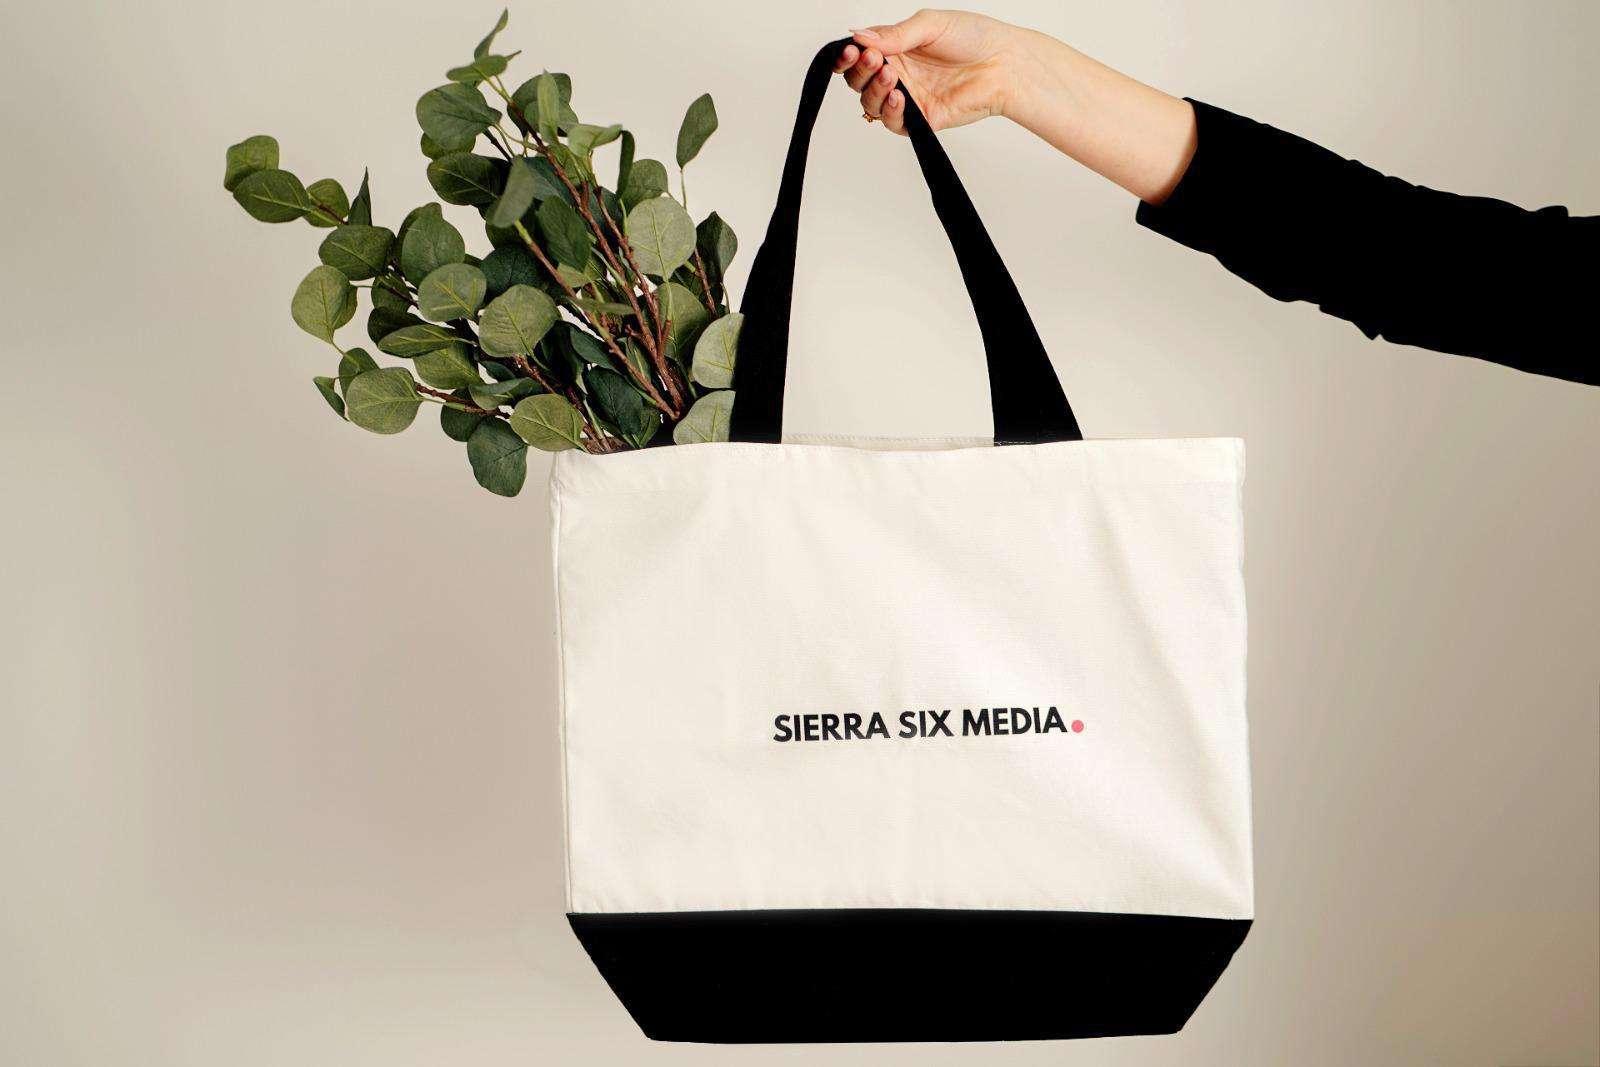 Sierra Six Media, branding project.